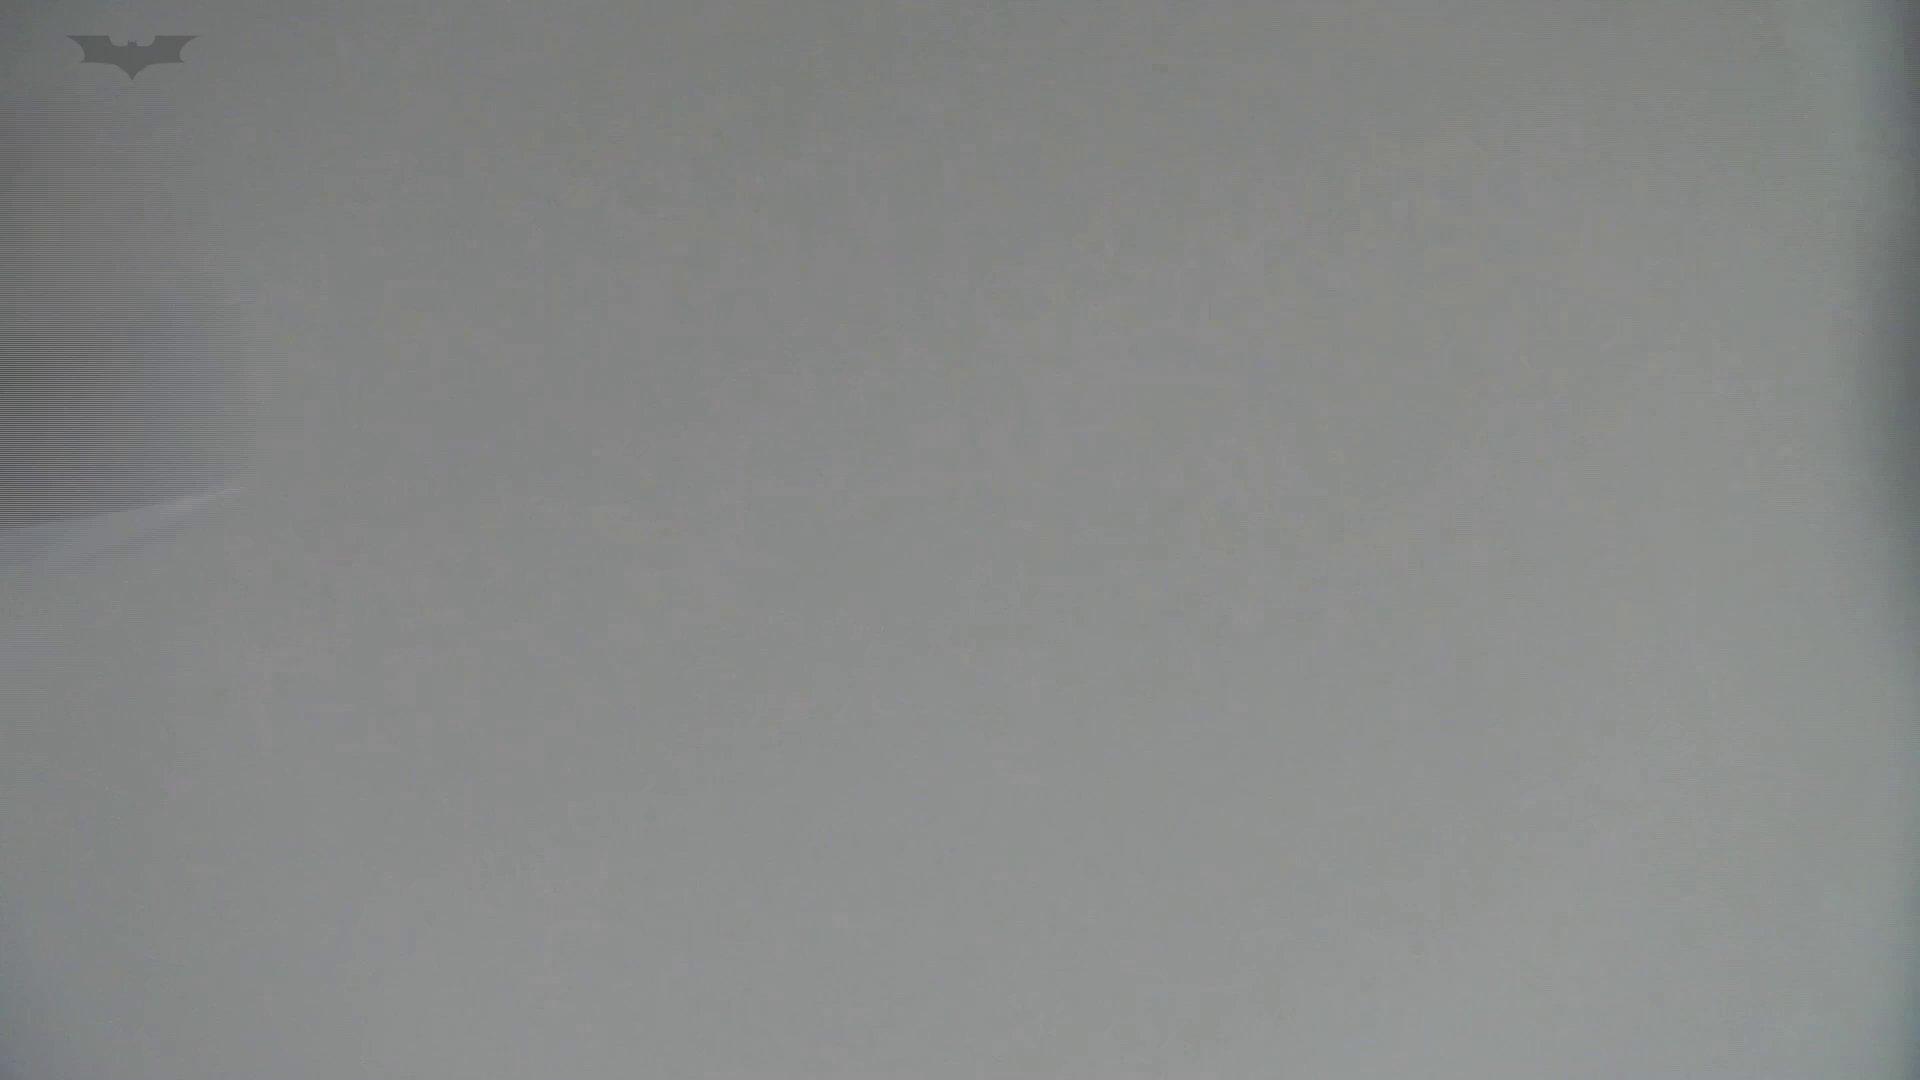 美しい日本の未来 No.19 顔全部撮れた2 おまんこ無修正 | ギャル・コレクション  82連発 78